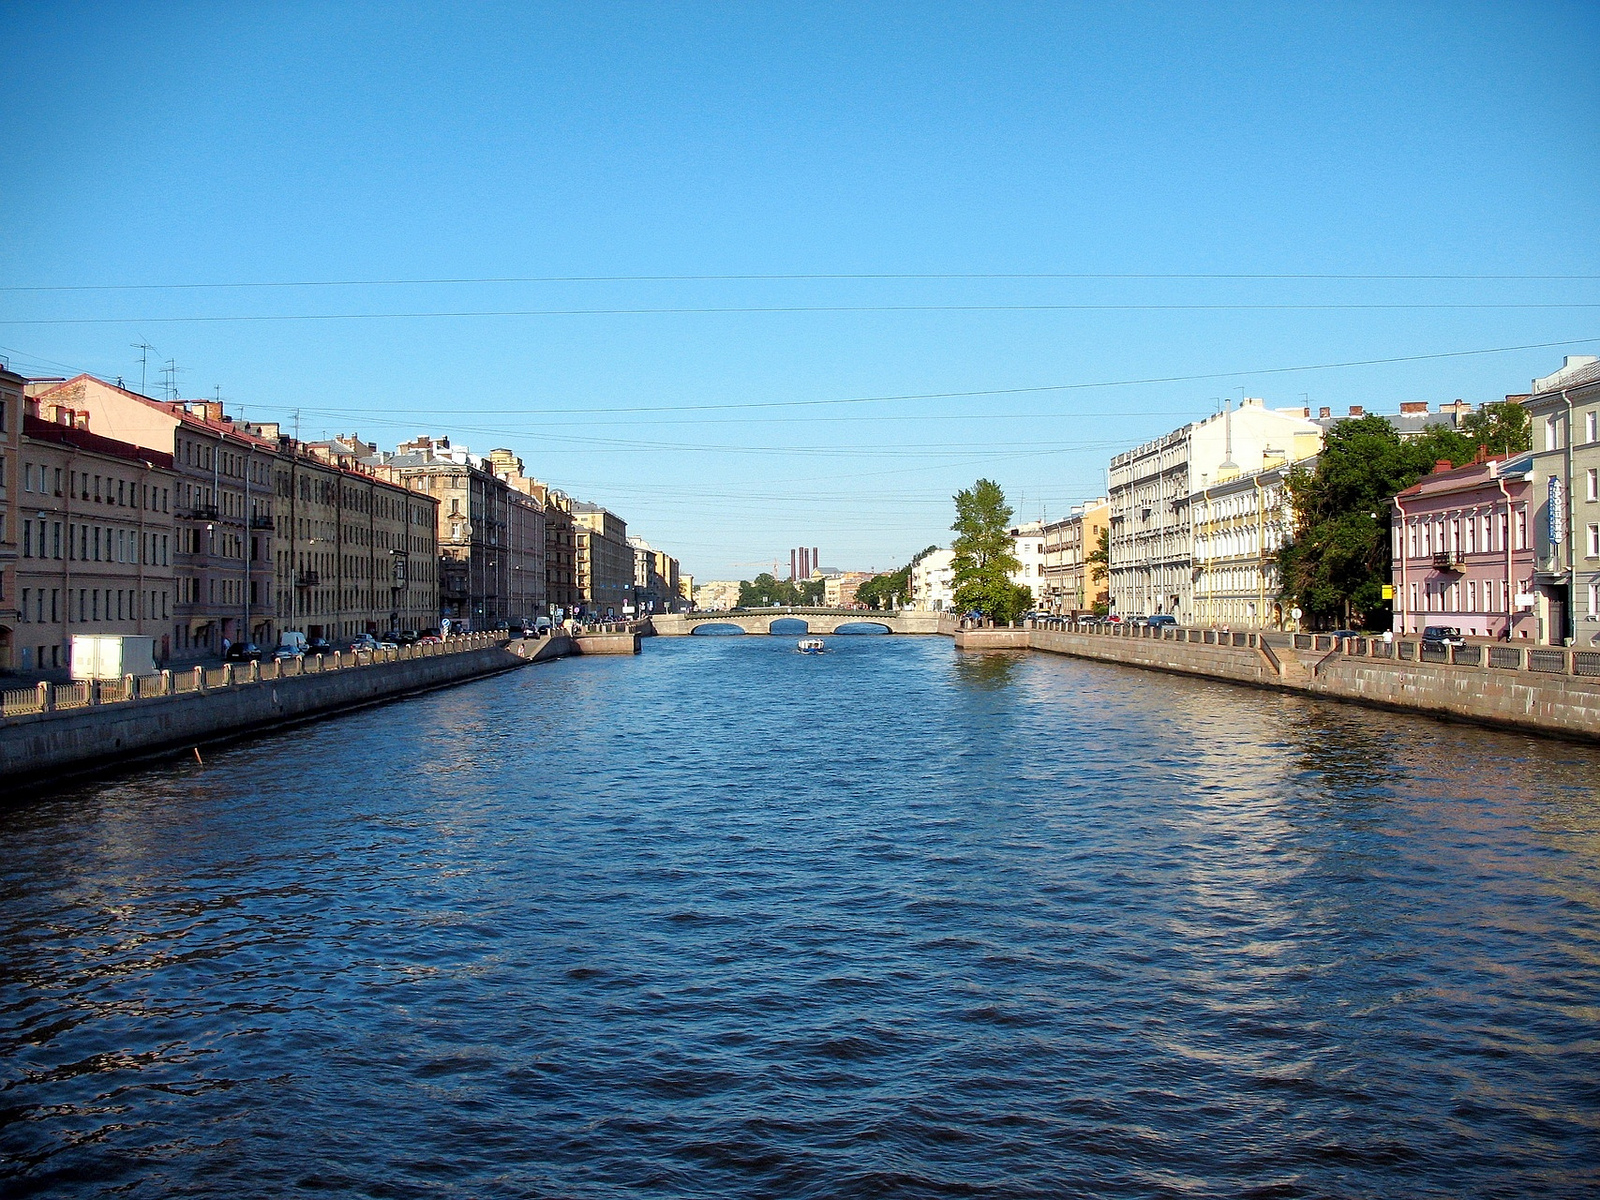 рыбалки, той реки санкт петербурга фото с названиями захотелось природу